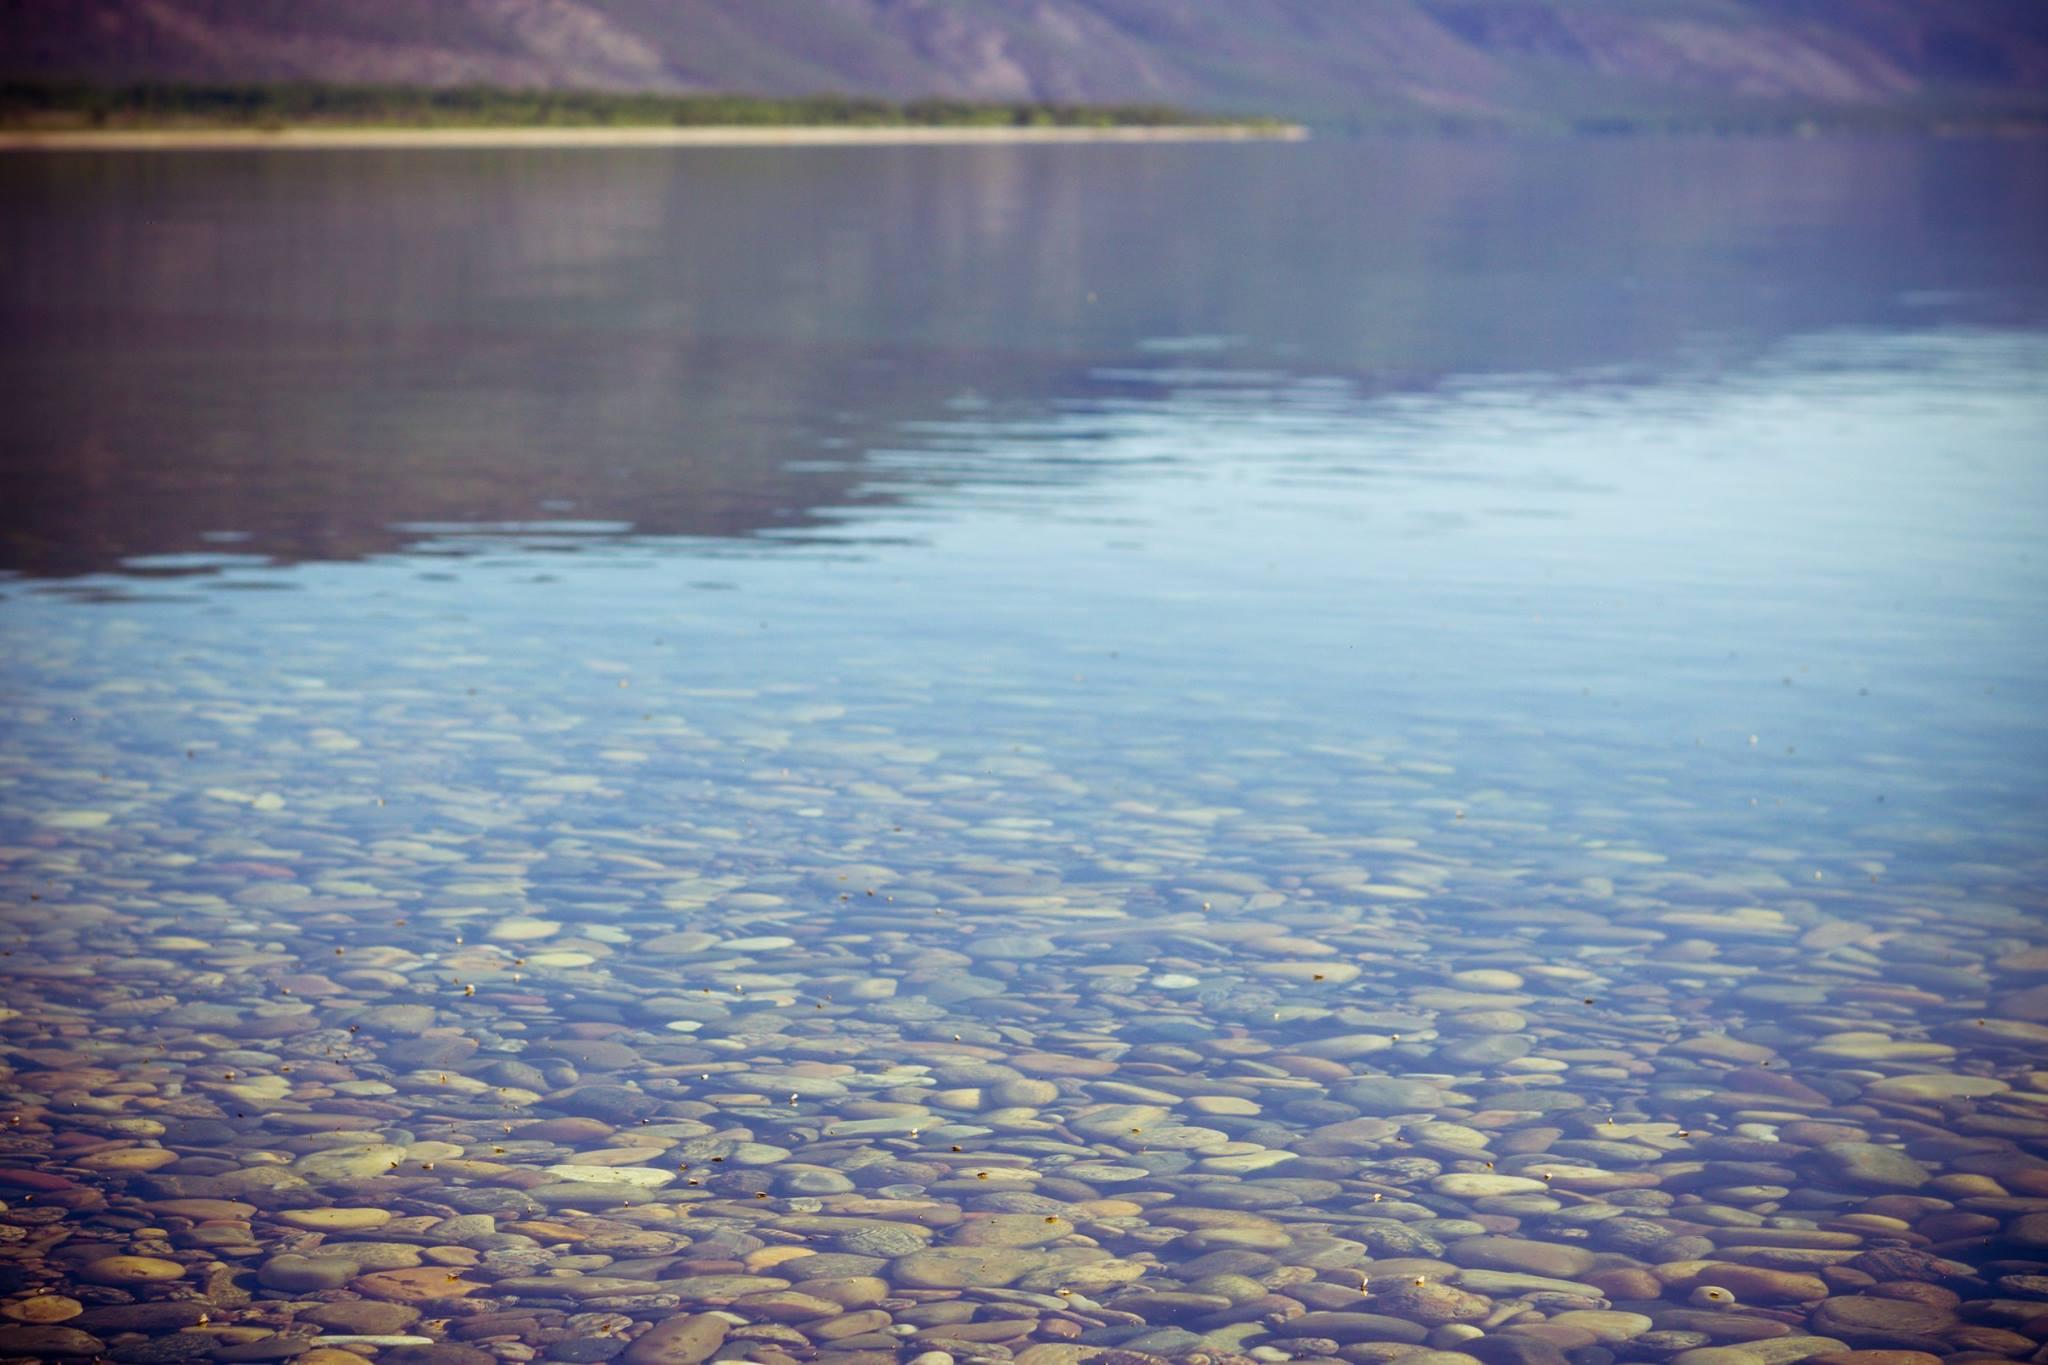 Contém cerca de 20% da água doce descongelada do planeta, sendo considerada uma das bacias mais límpidas existentes. Não é à toa que a possibilidade de lucrar com a exportação de sua água é muitas vezes levantada.